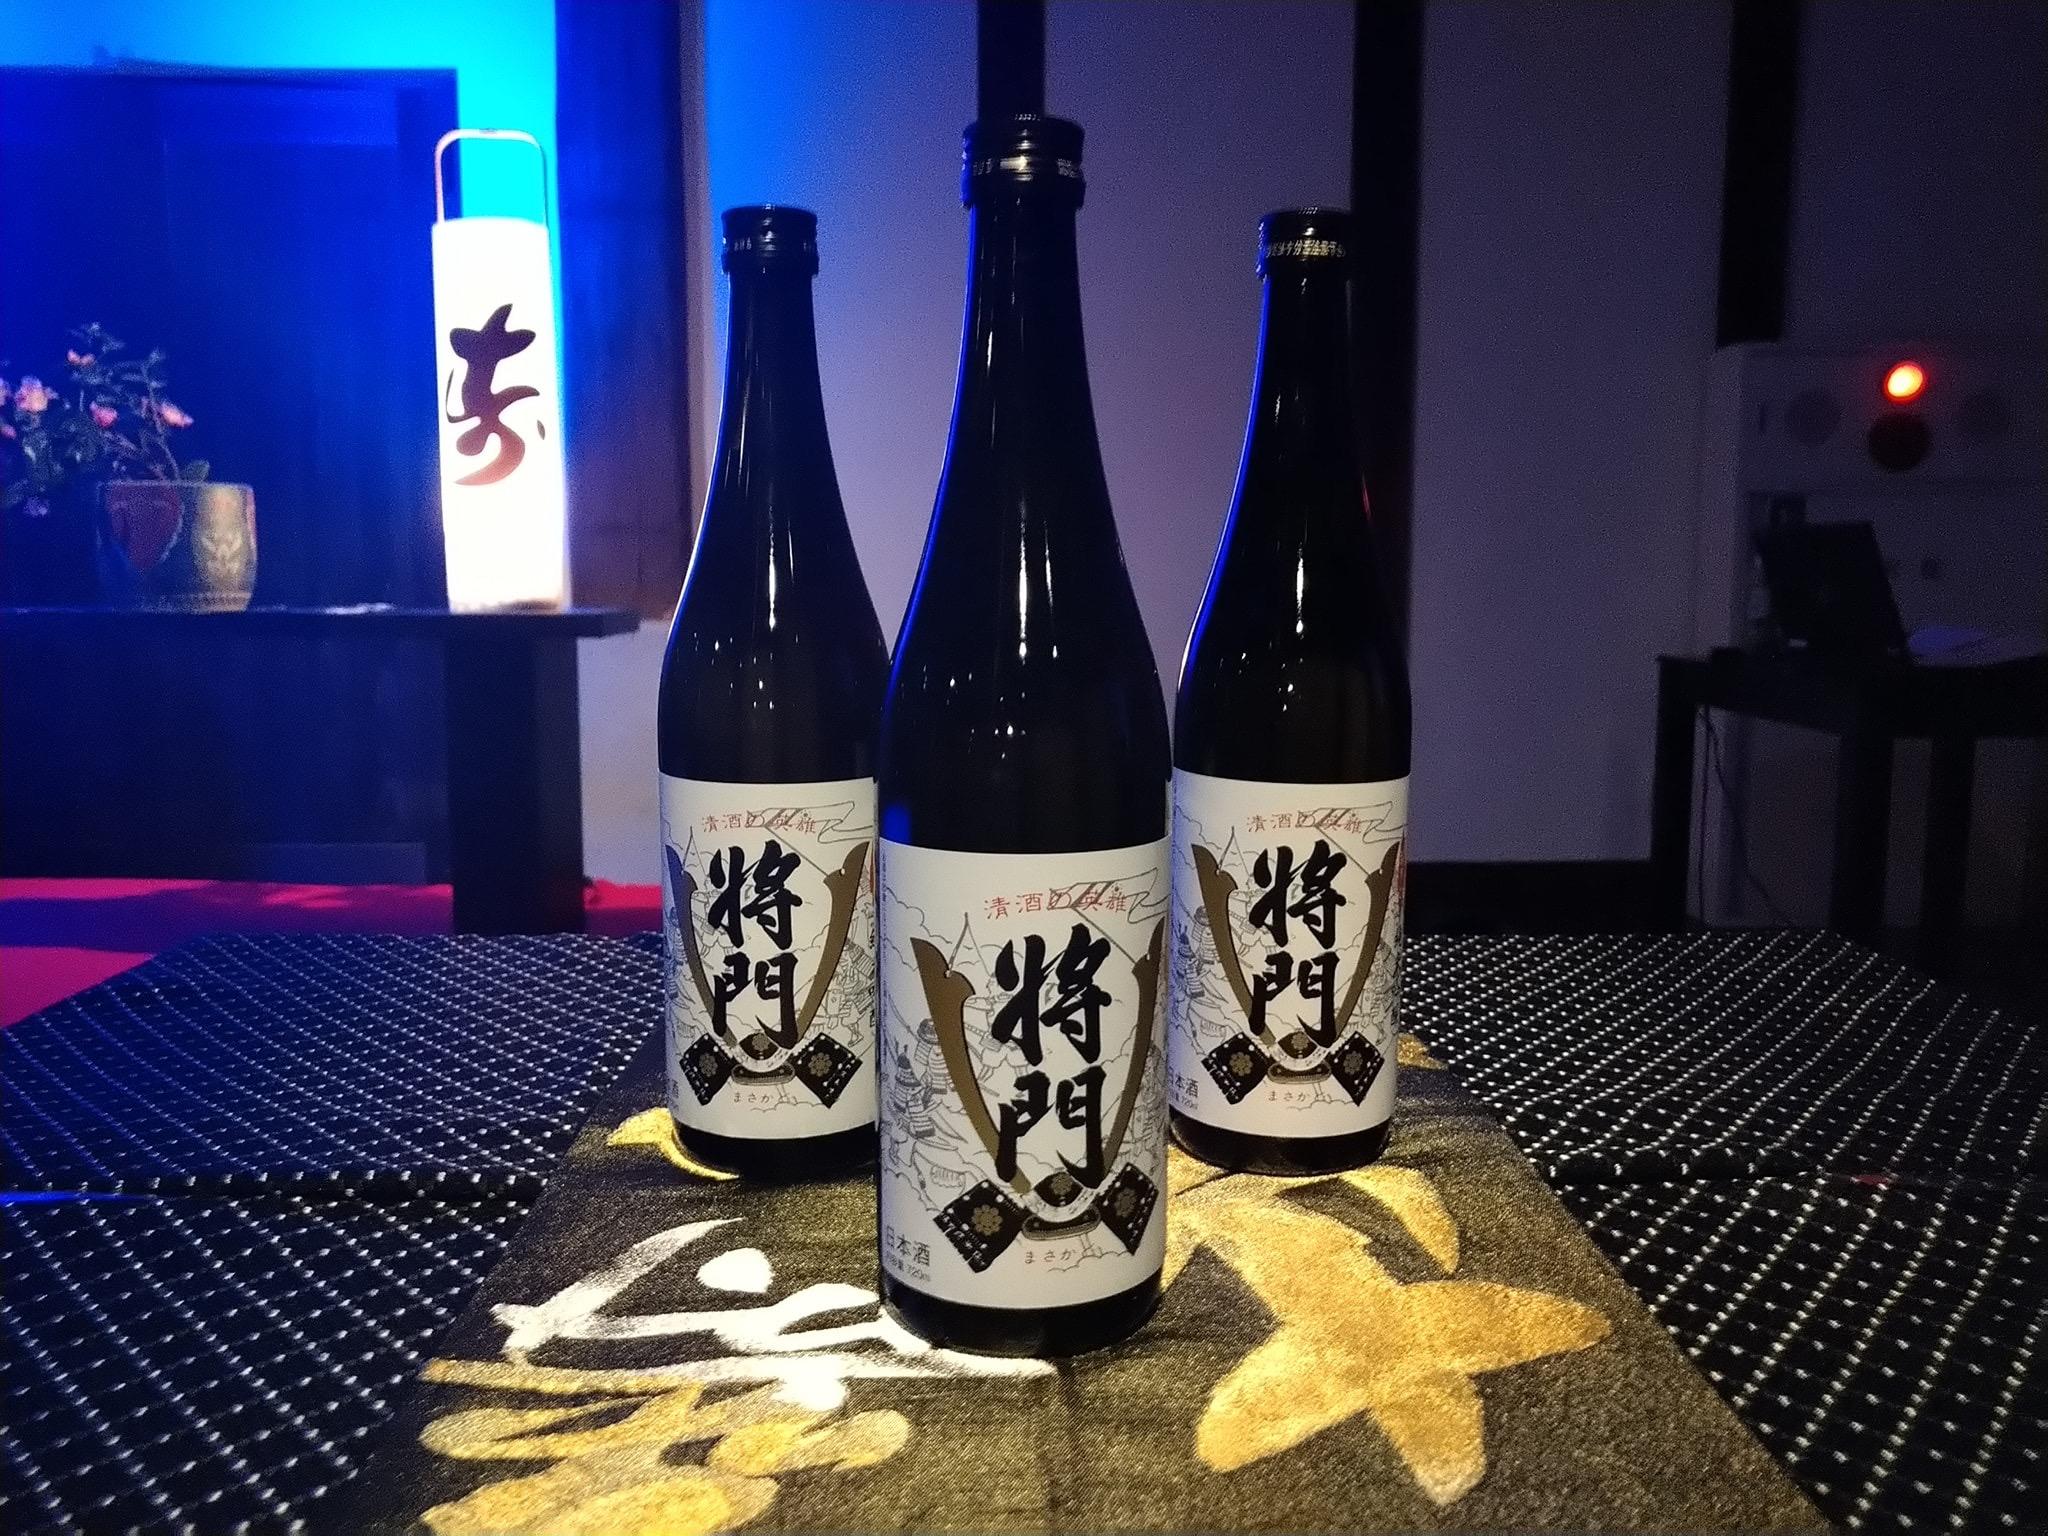 純米吟醸「将門」発表記念イベント